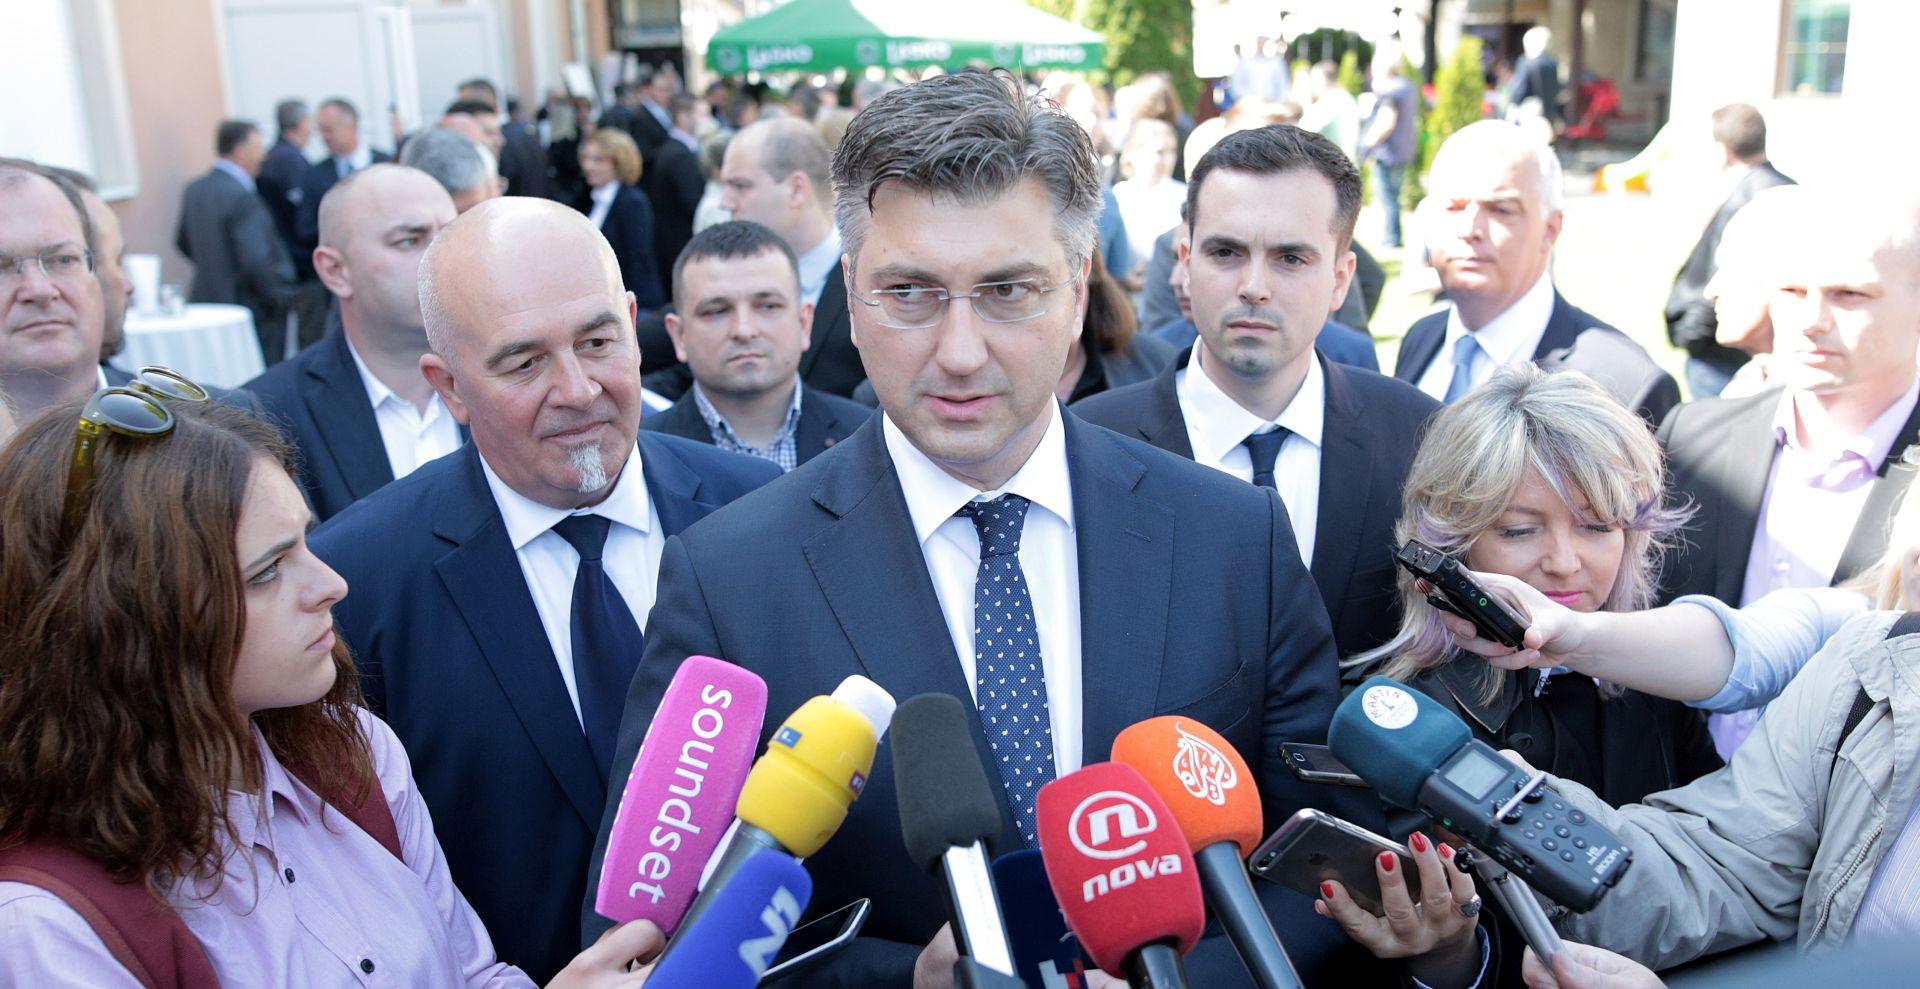 Plenković osudio napad na požeškog novinara, gradonačelnika isključio iz kampanje